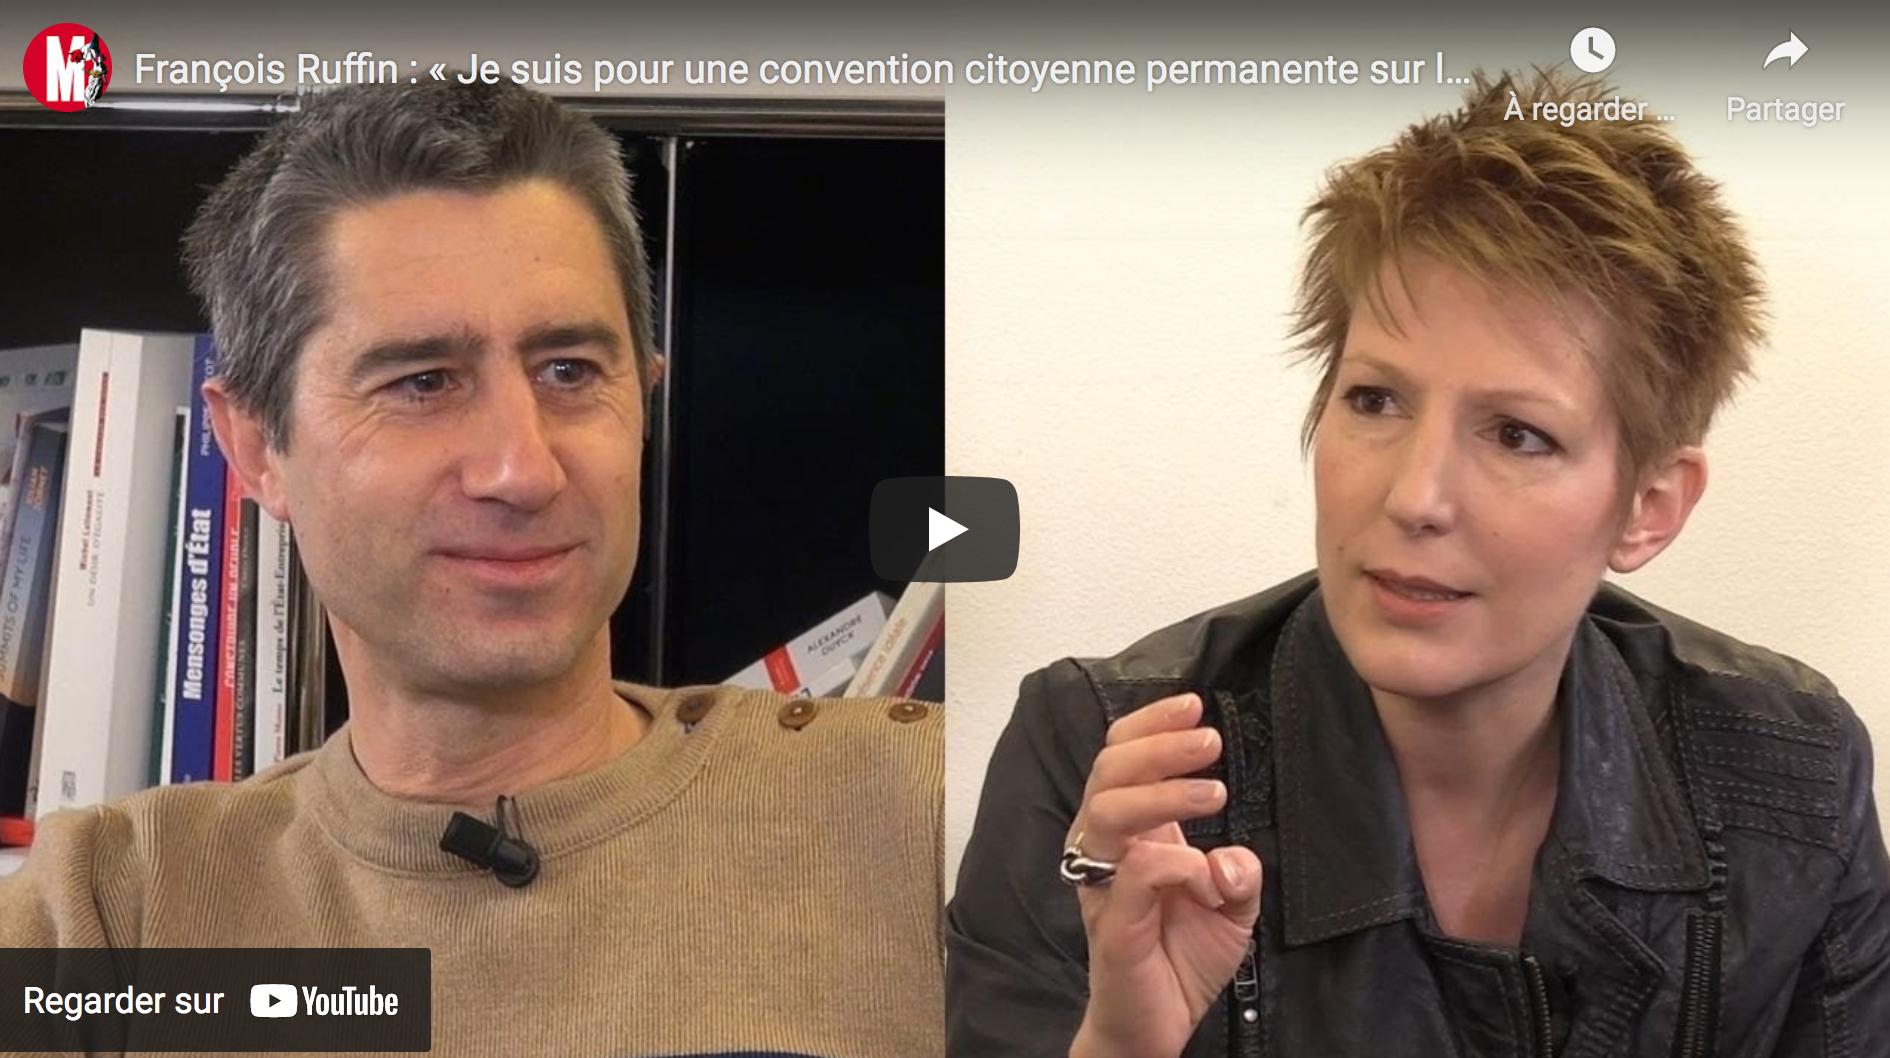 François Ruffin : « Je suis pour une convention citoyenne permanente sur les technologies » (VIDÉO)